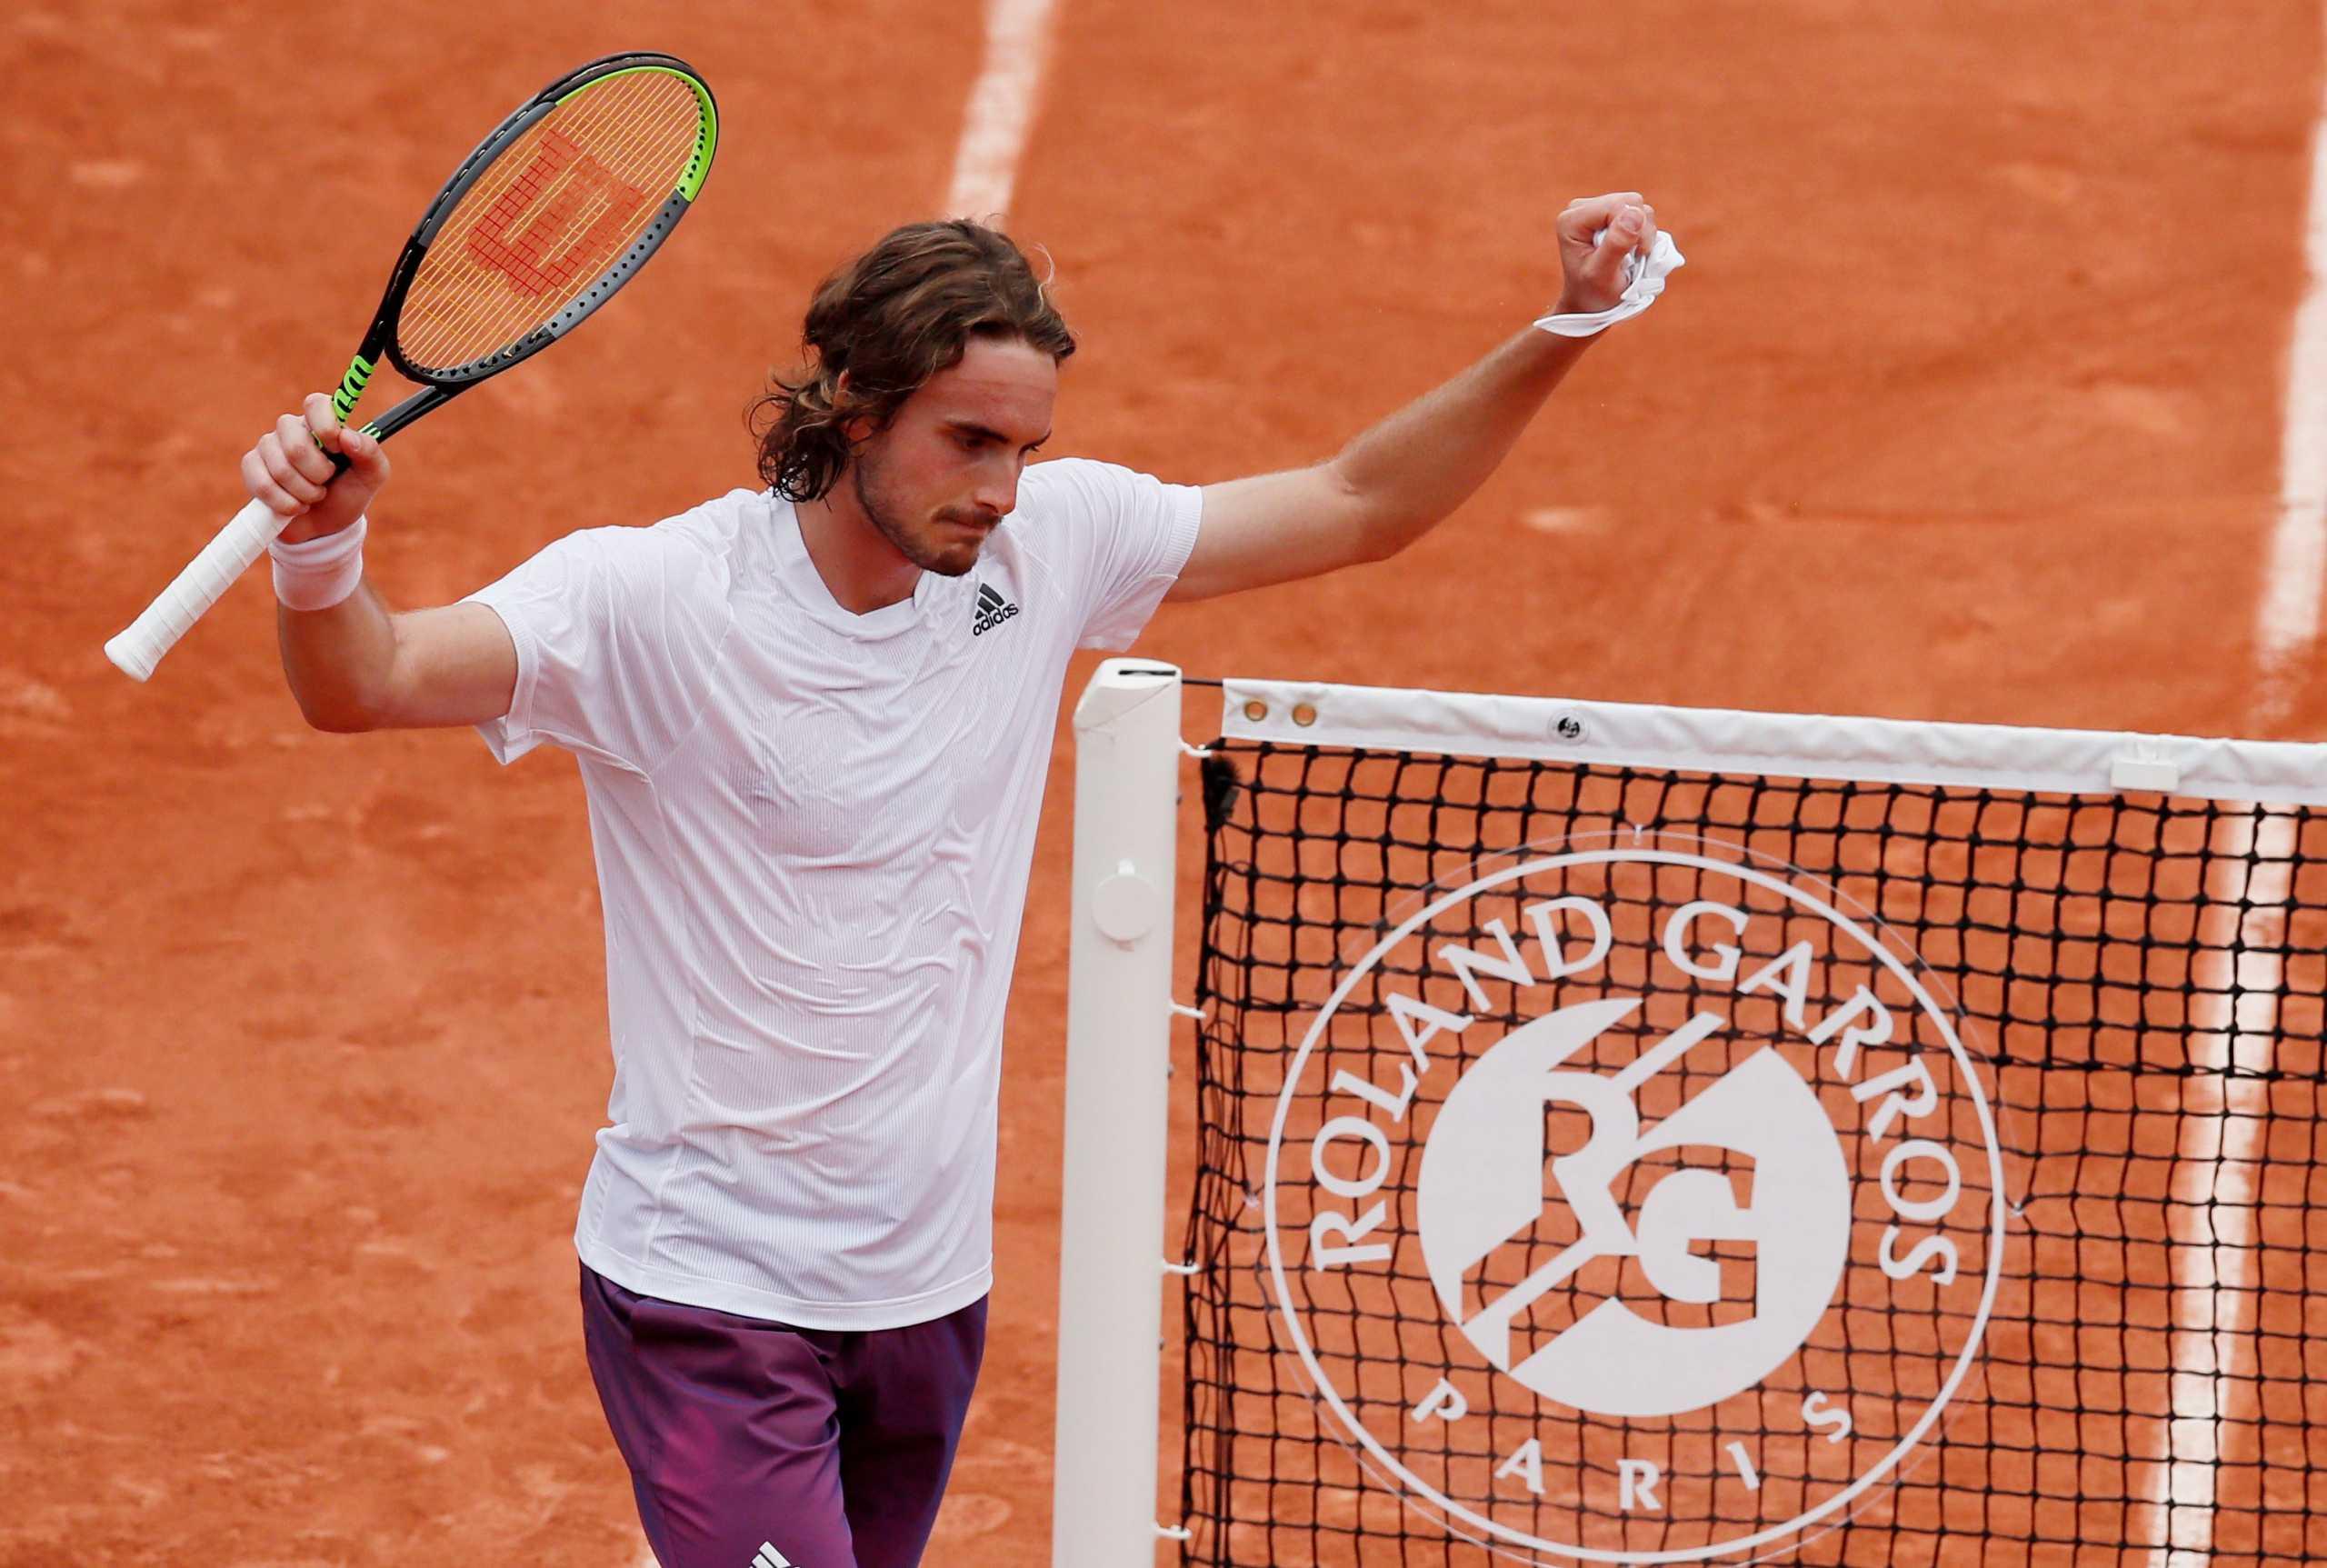 Τσιτσιπάς: «Nα πάρω Grand Slam, πριν πάρει ο Αντετοκούνμπο πρωτάθλημα»